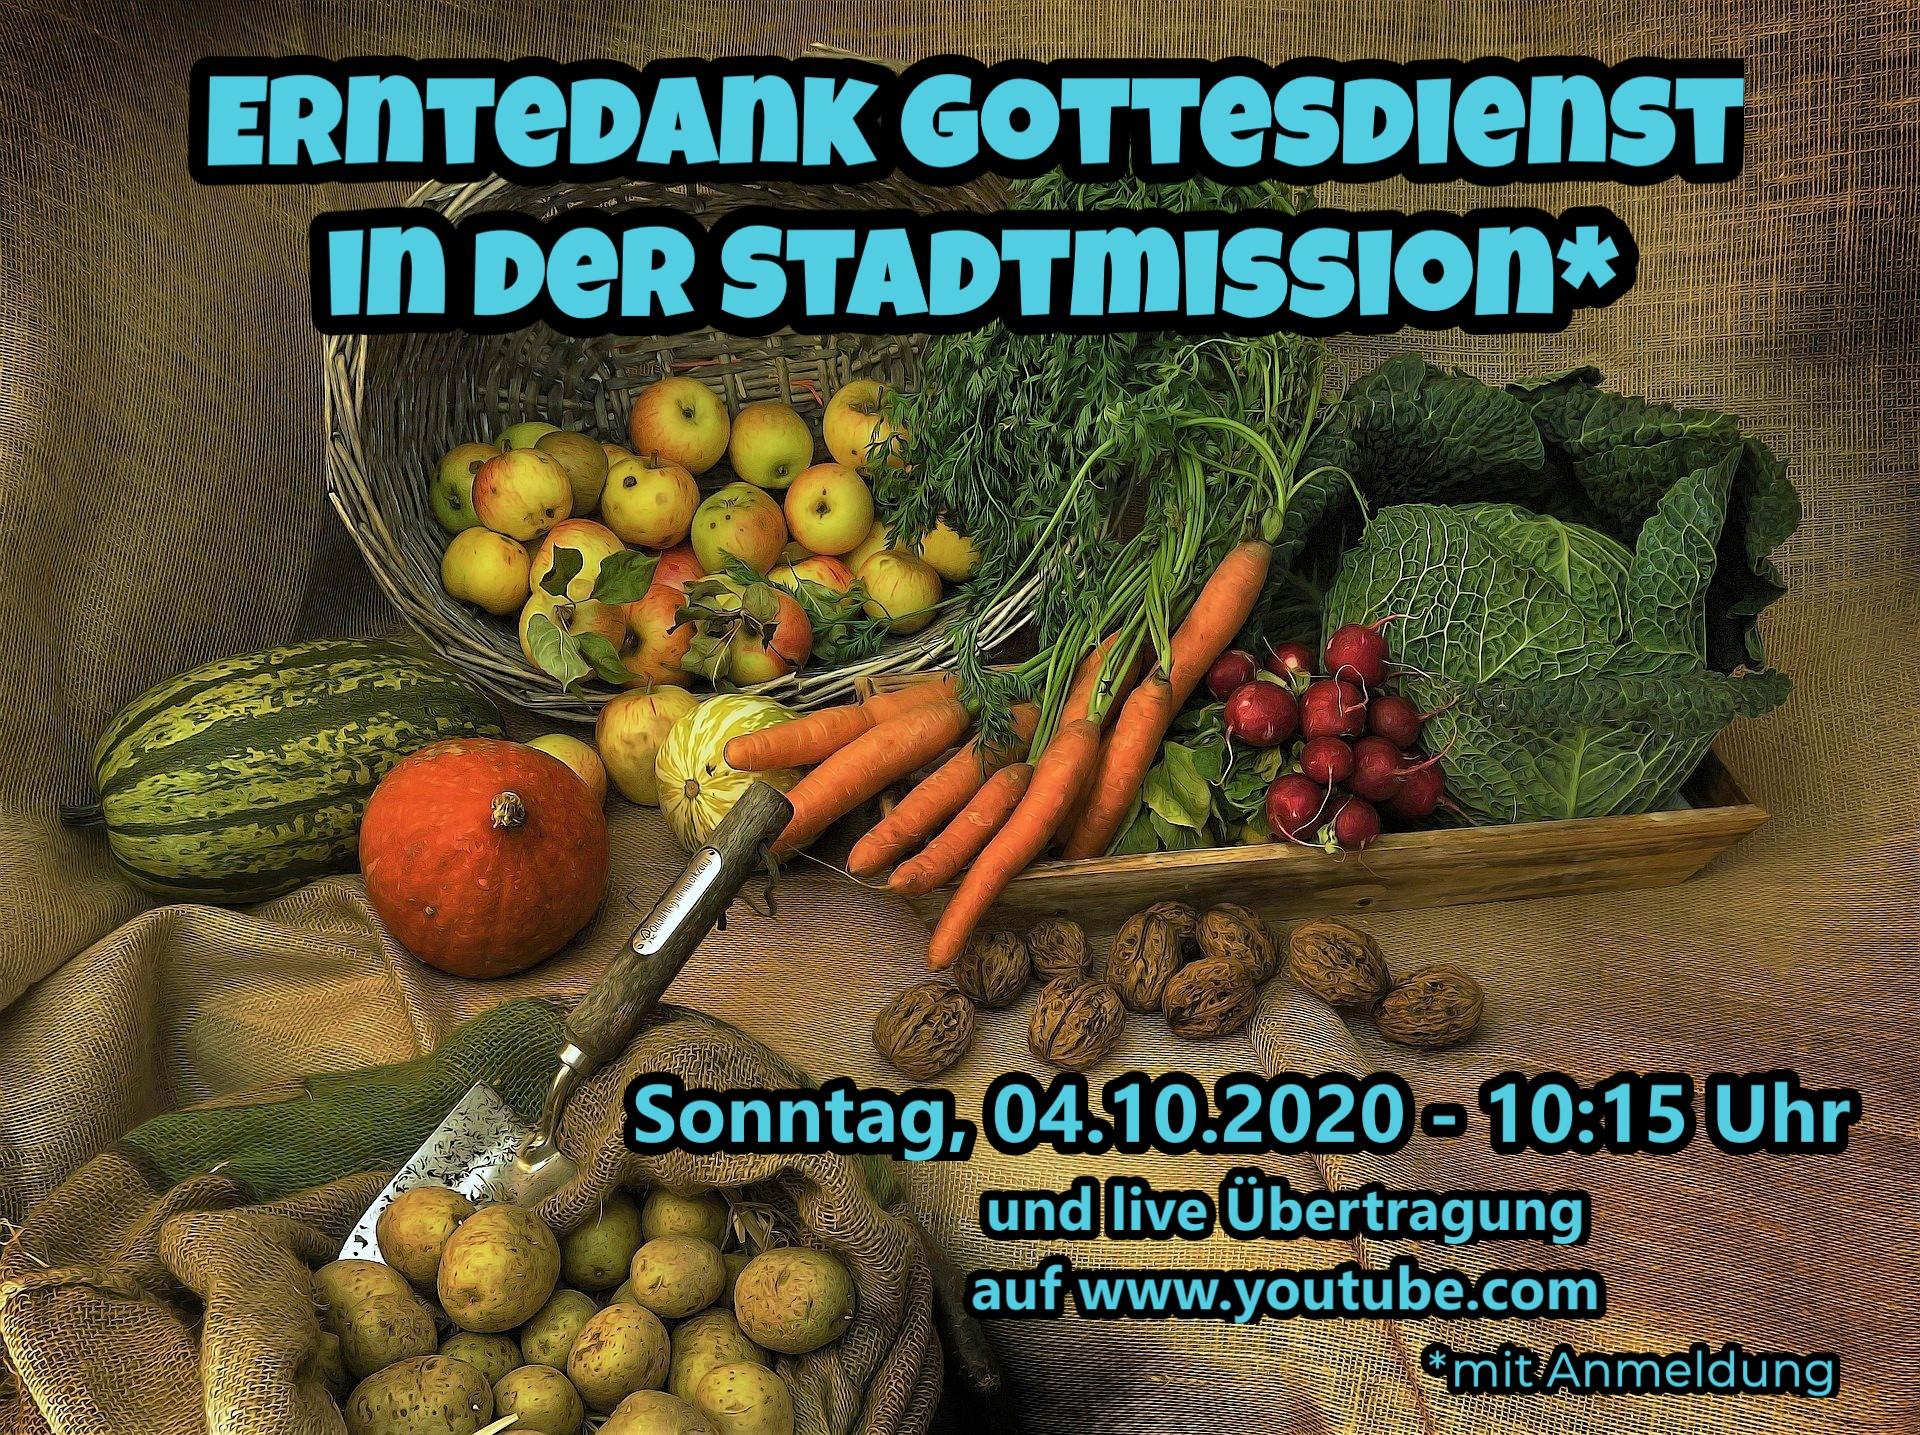 Erntedank-Gottesdienst vom 04.10.2020